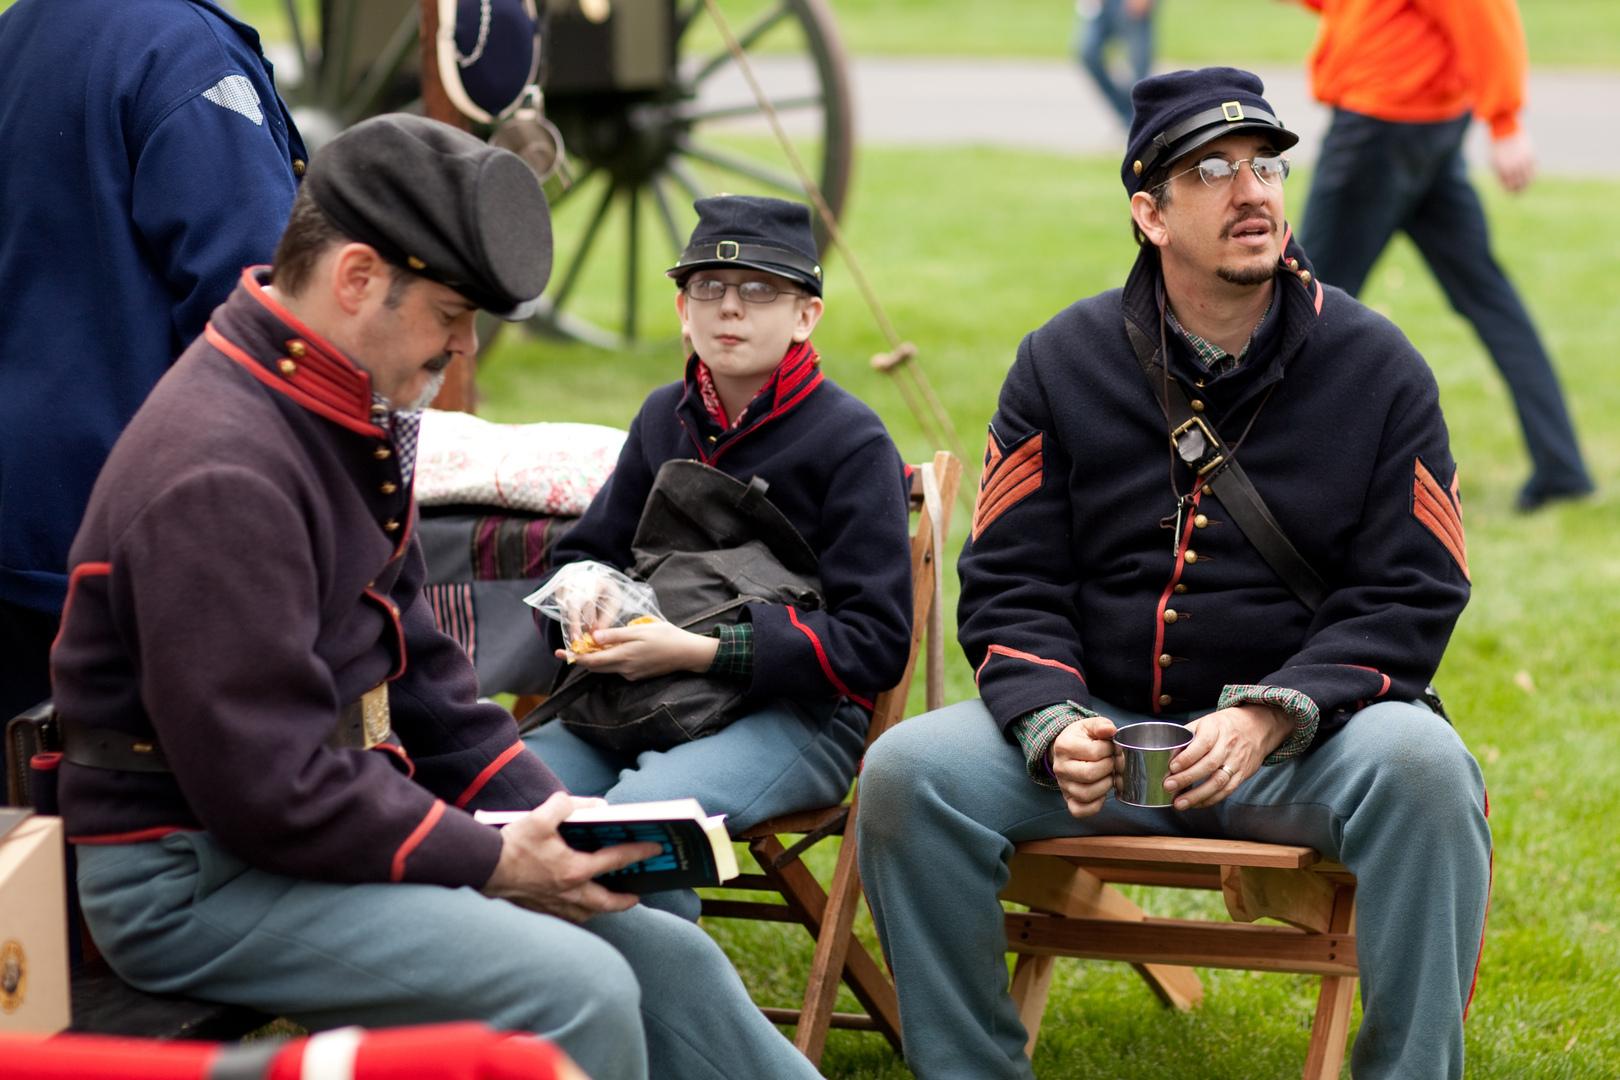 Boy Scouts 100th 494.jpg